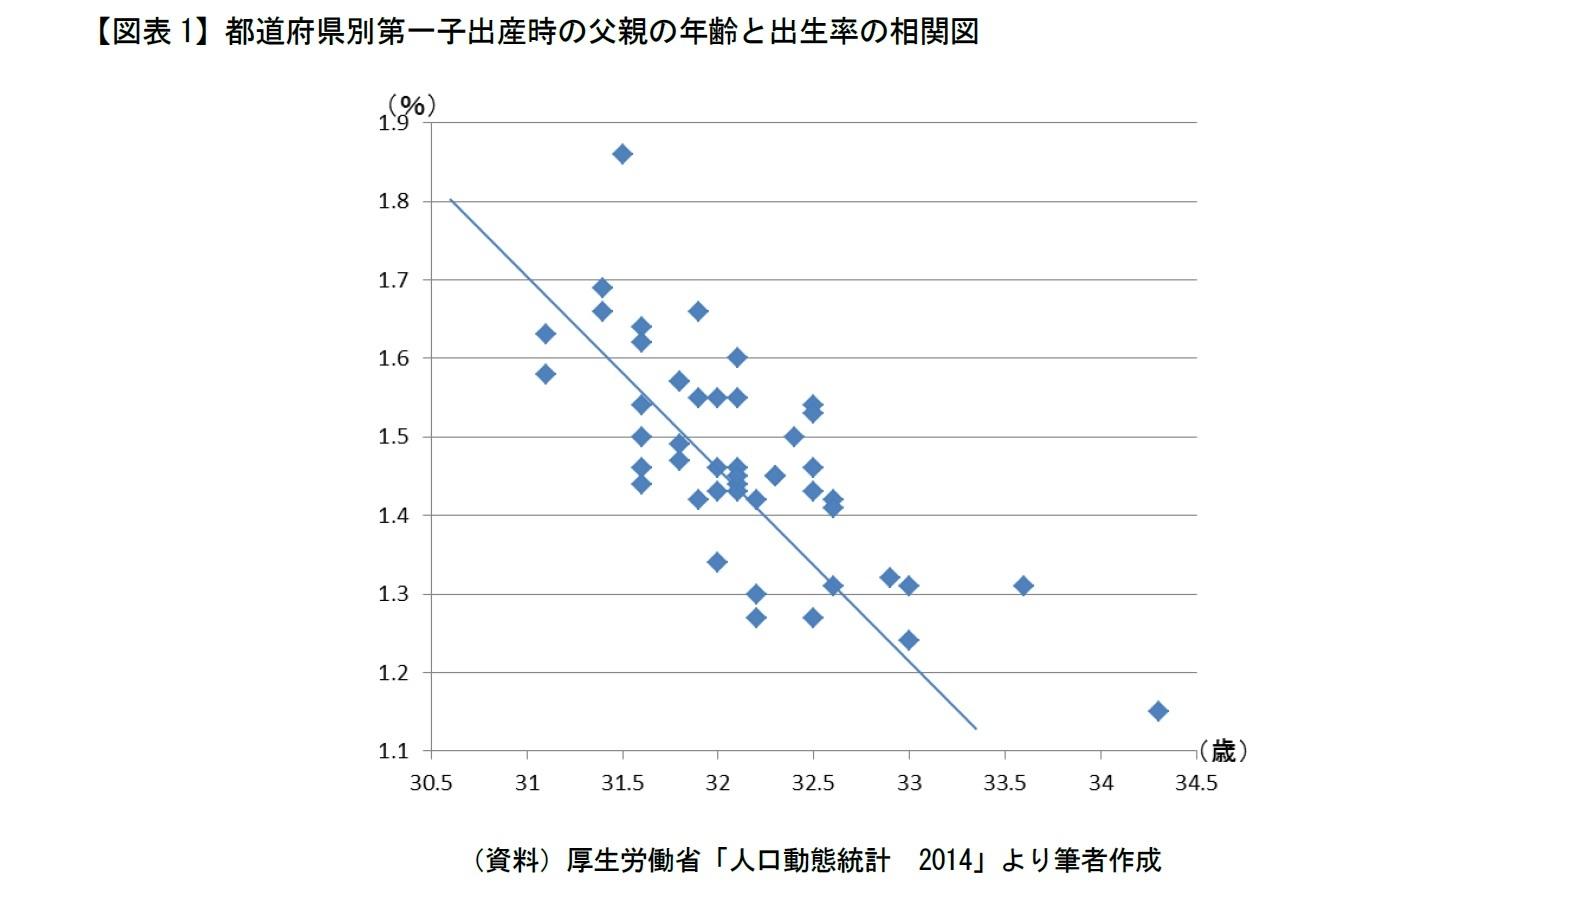 【図表1】都道府県別第一子出産時の父親の年齢と出生率の相関図